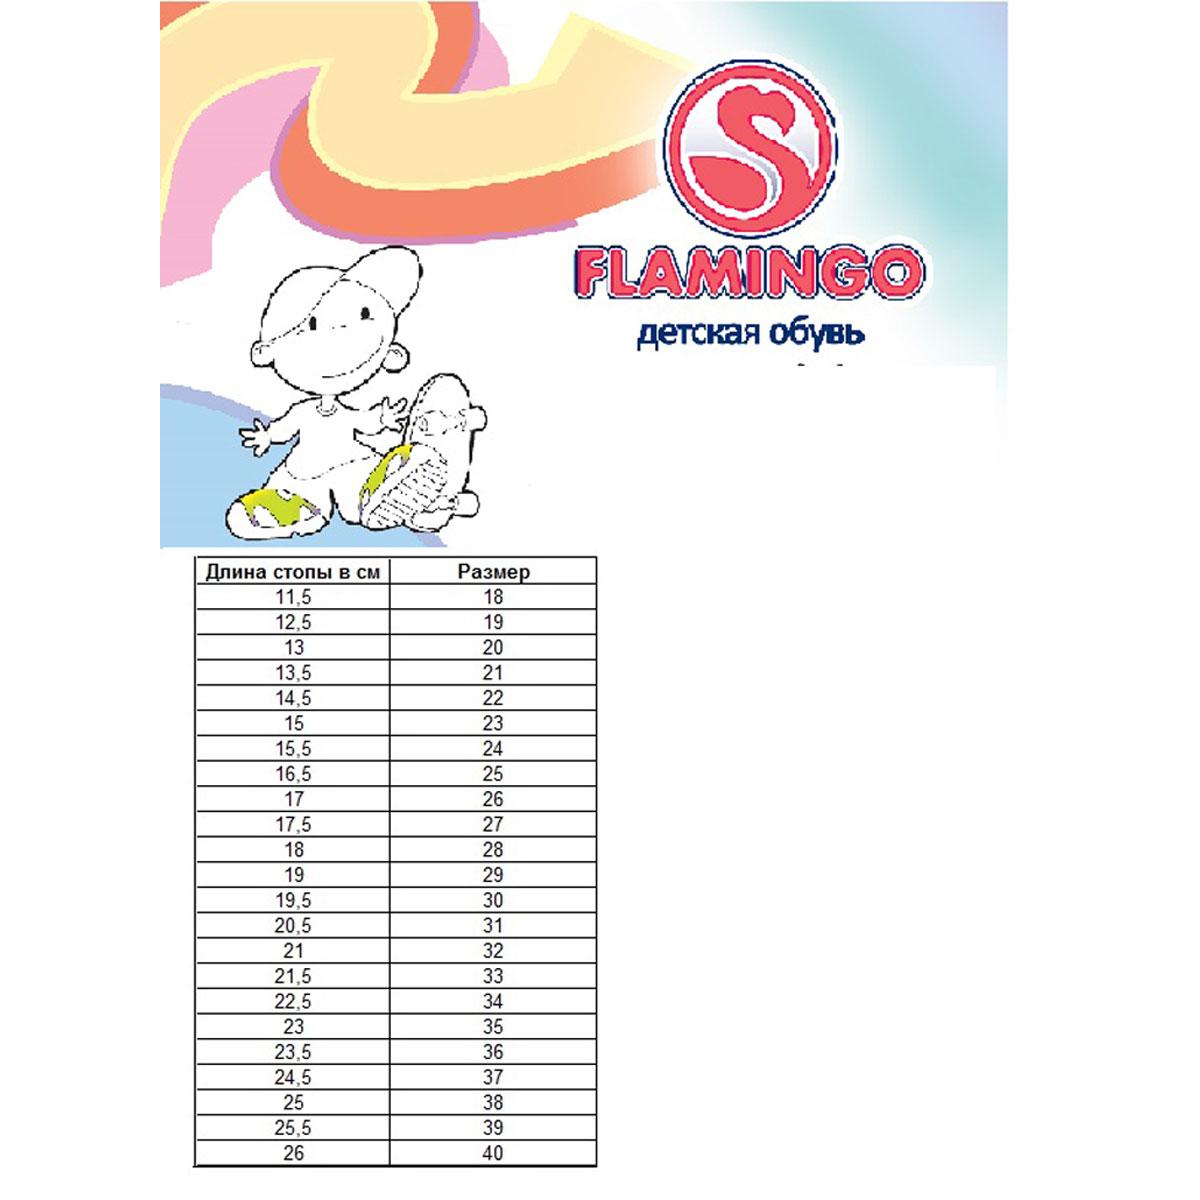 Flamingo ������ ��� �������. QC3797